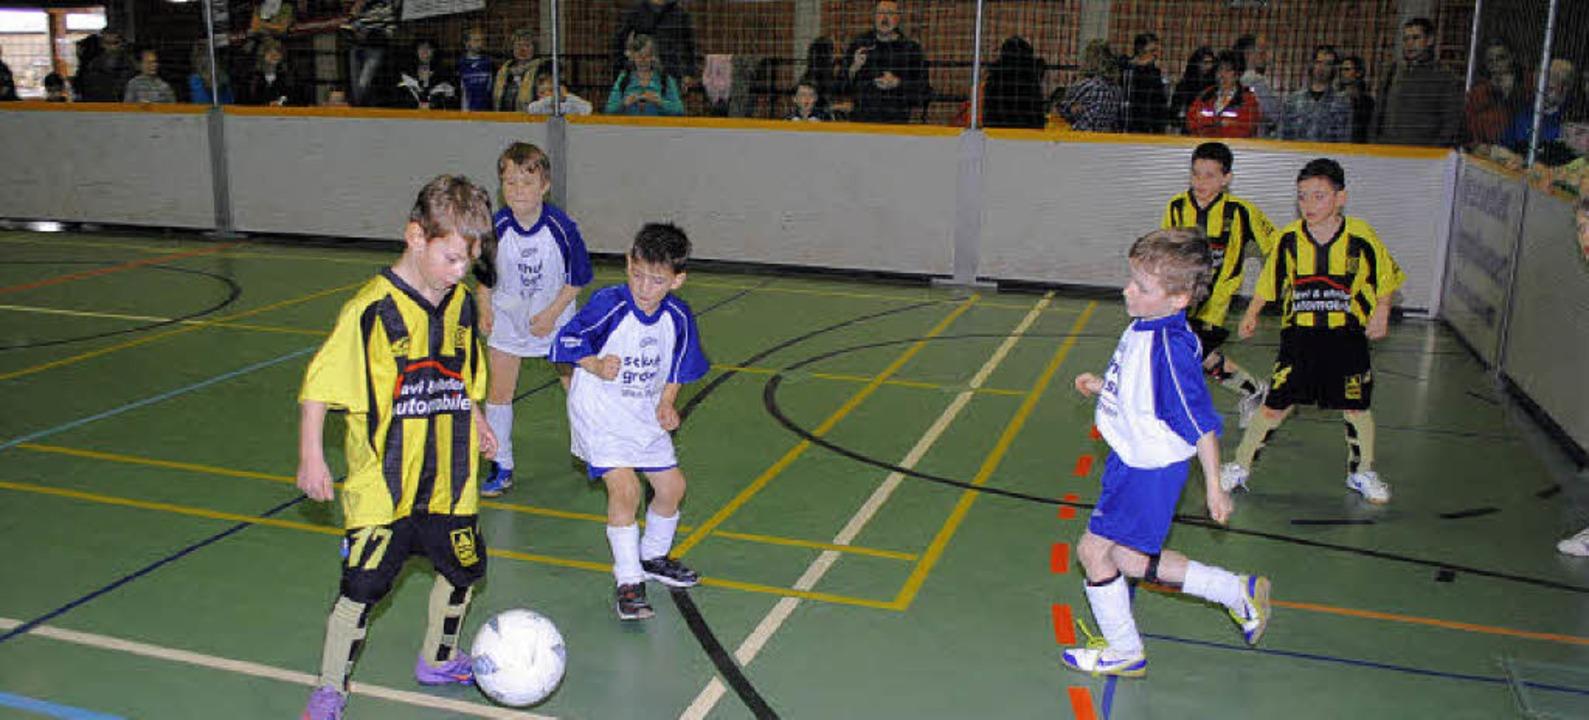 Kräftig angefeuert wurden die F-Jugend...hier beim Spiel gegen Old Boys Basel).  | Foto: Sedlak